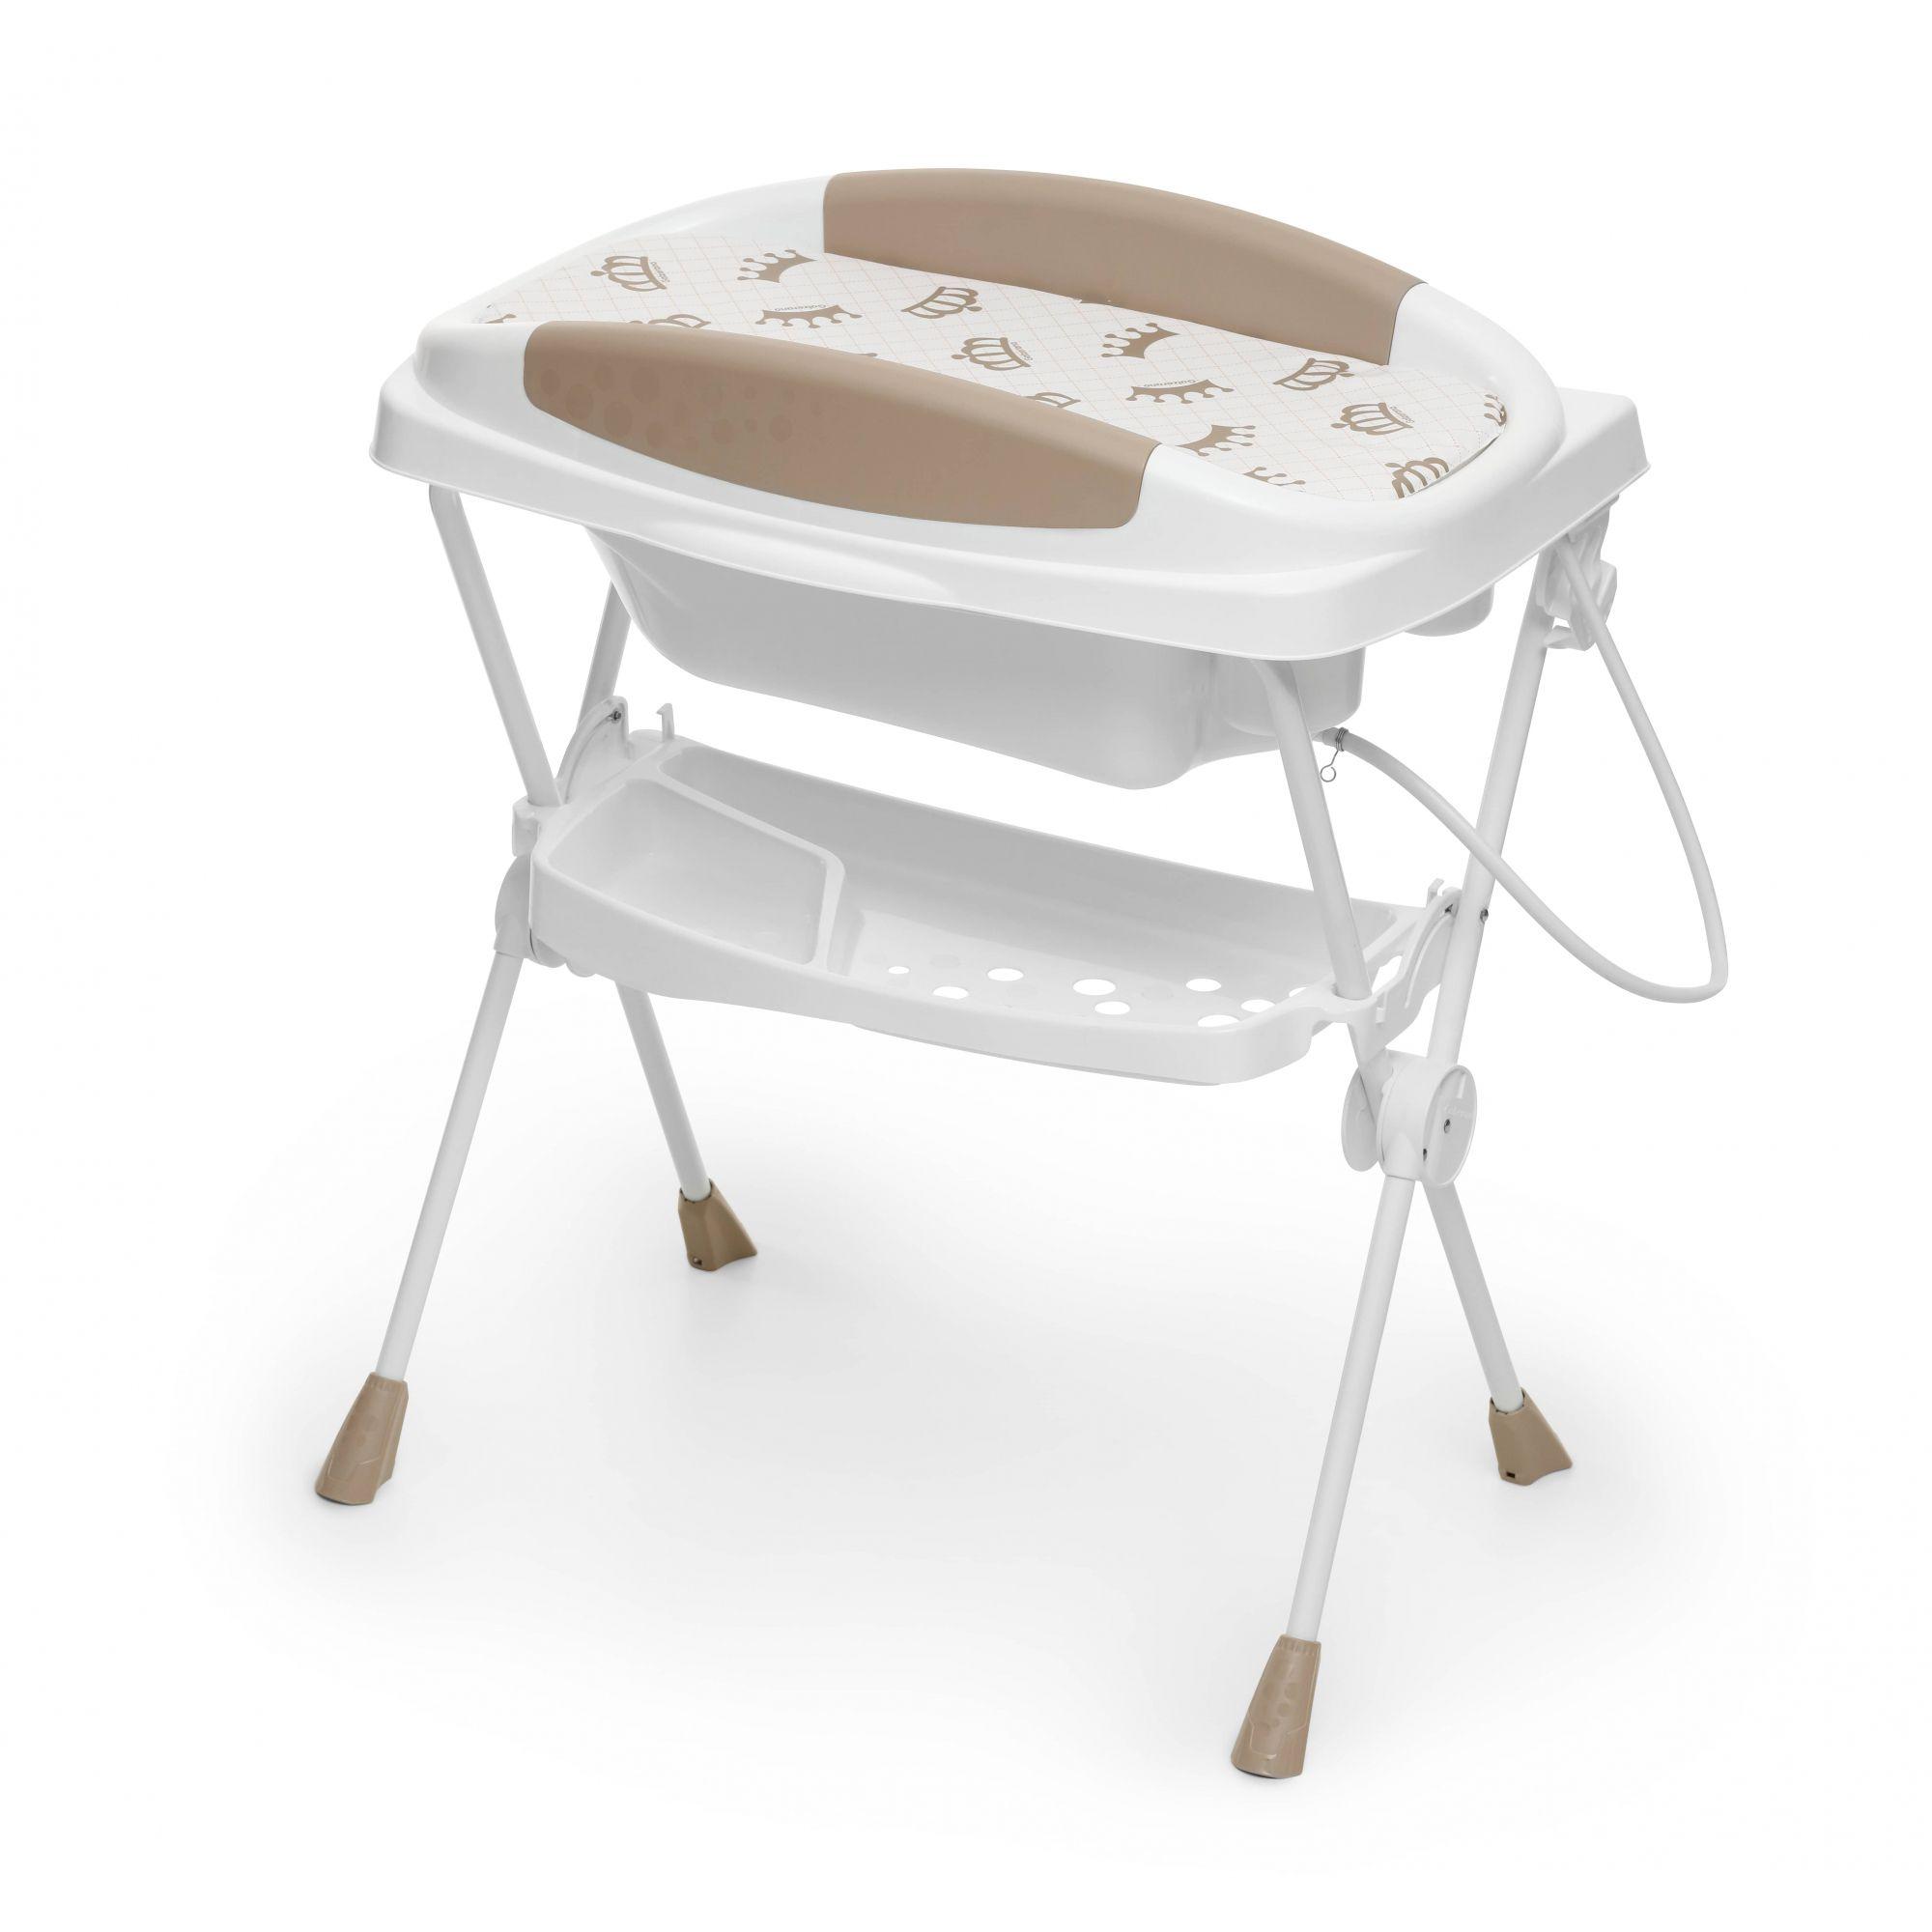 Banheira Bebê Plástica Premium